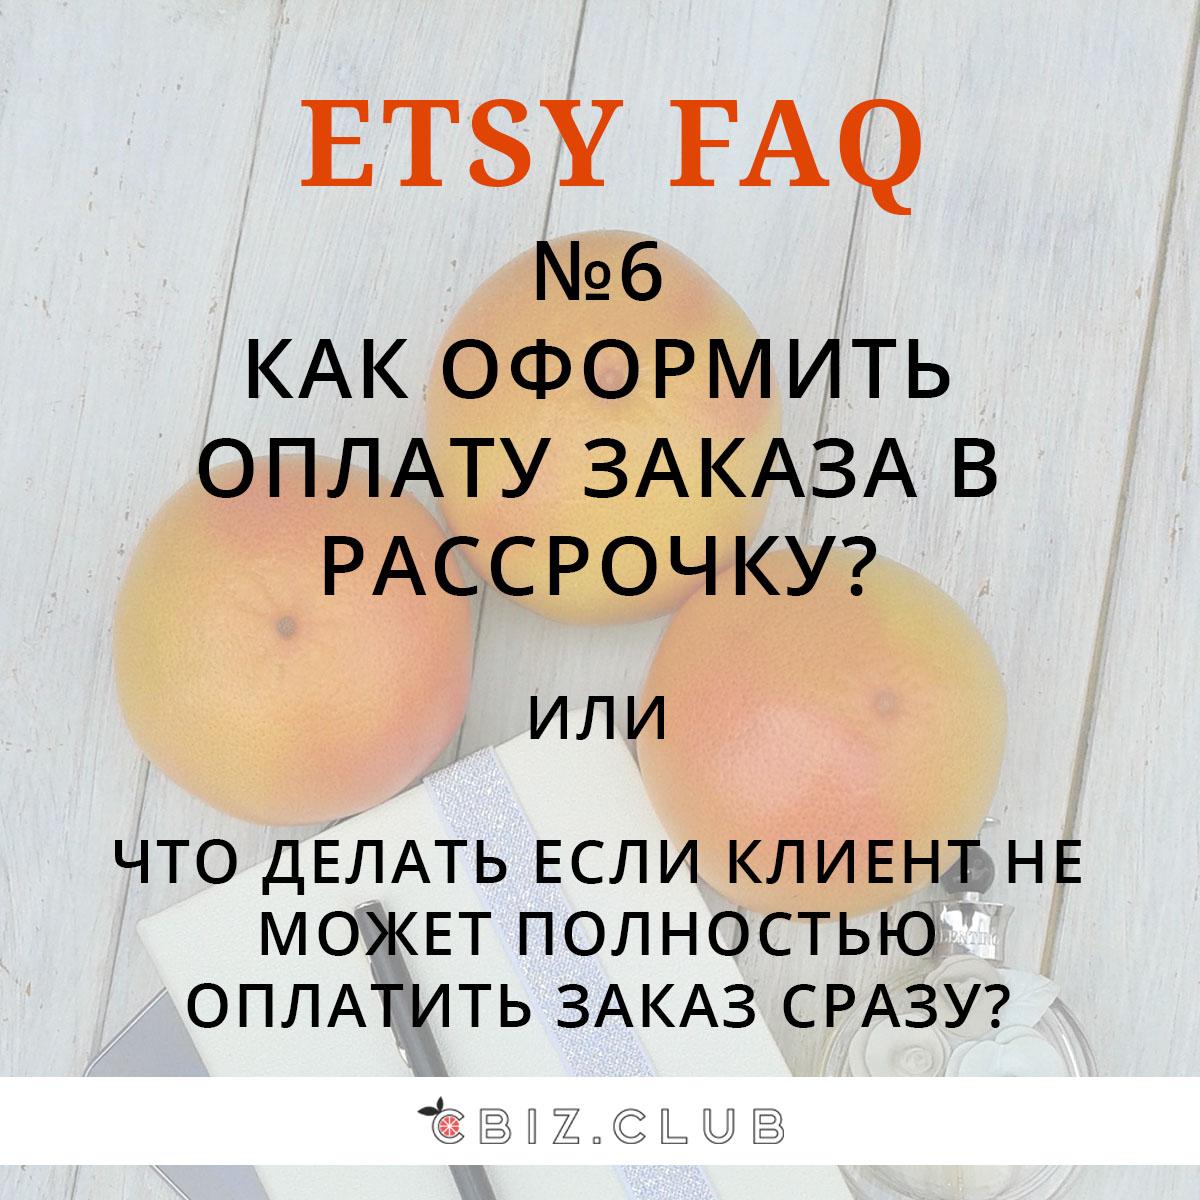 ETSY FAQ 6. Как оформить оплату etsy заказа в рассрочку? | cbiz.club